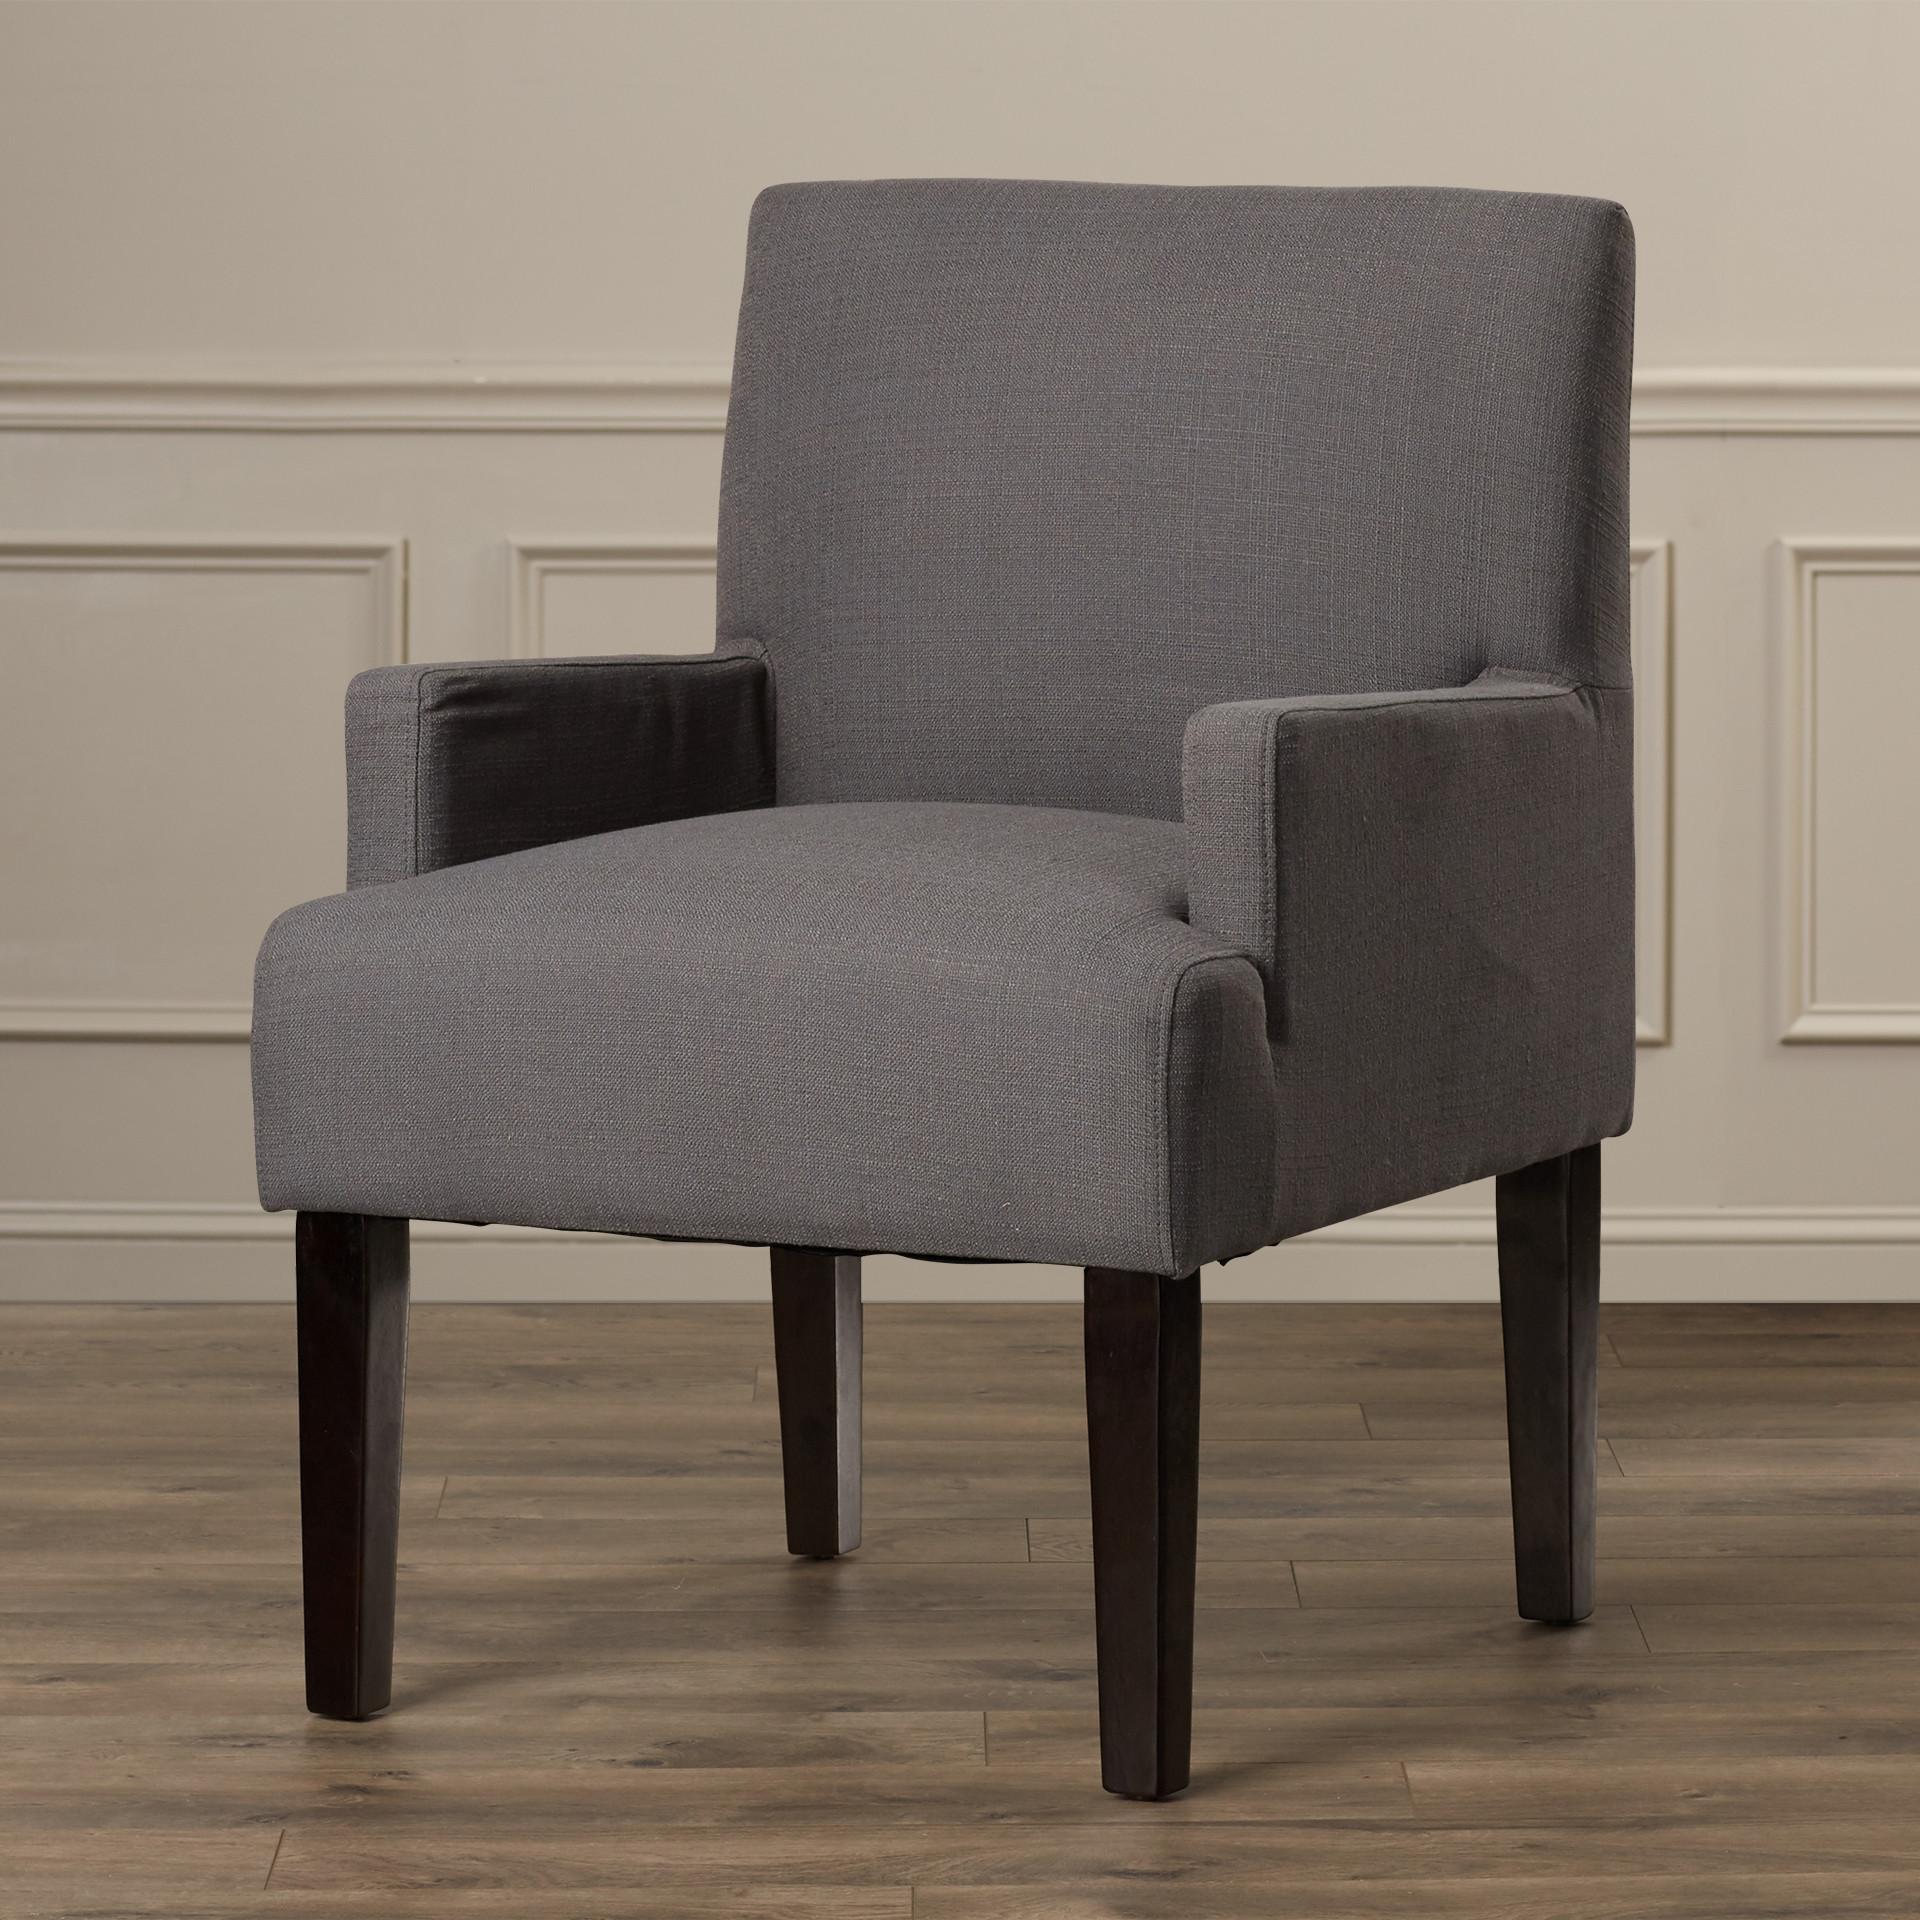 Avenue Six Furniture In Gray